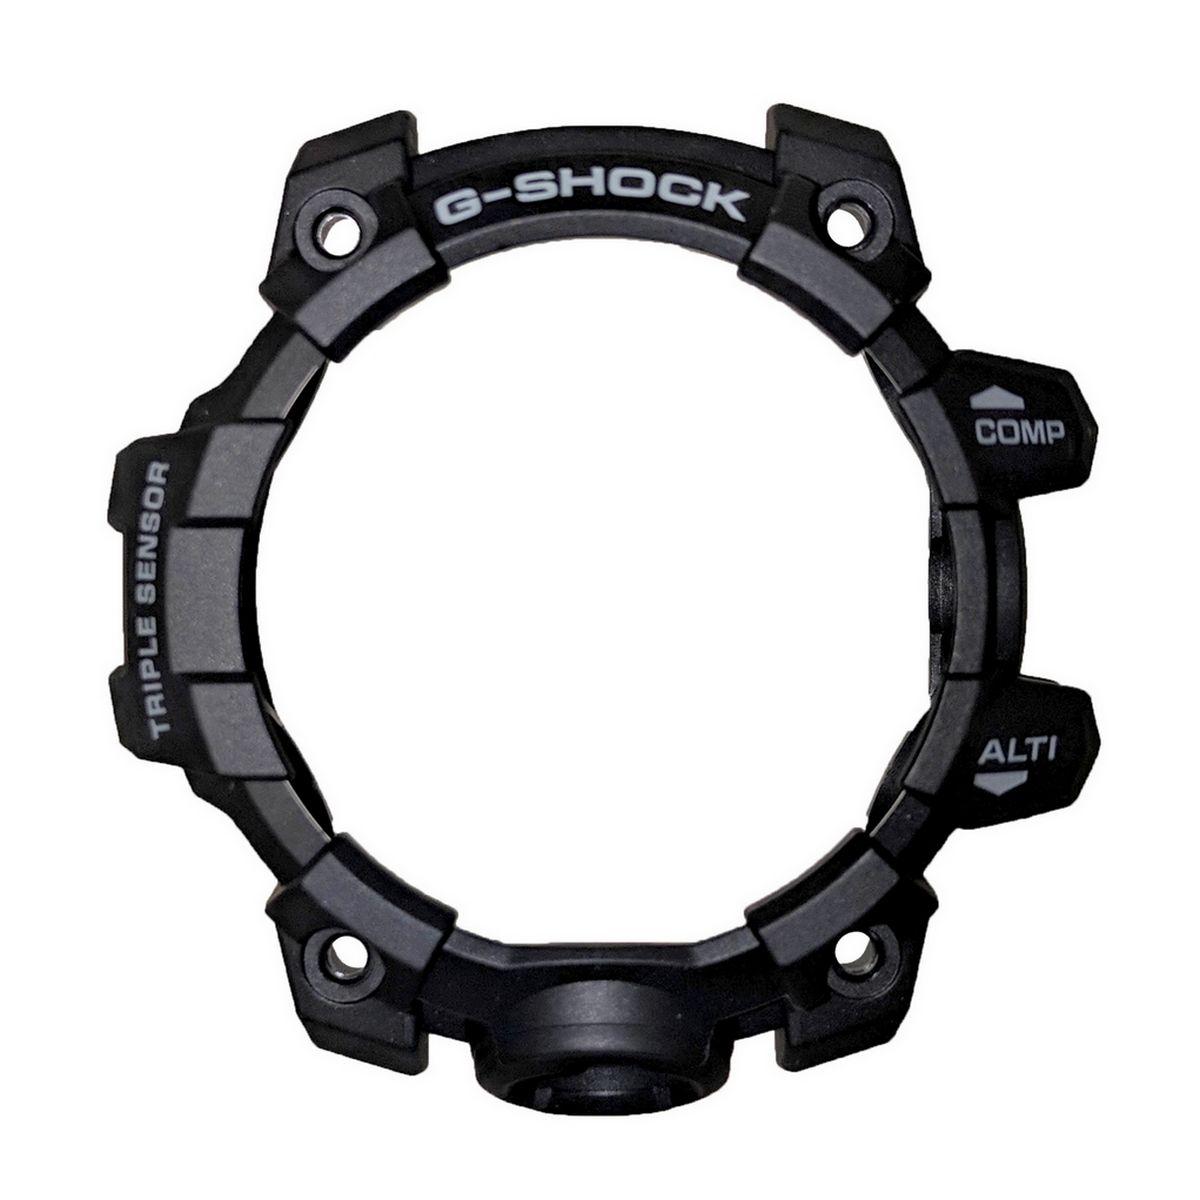 Bezel Capa GWG-1000RD-4A / GWG-1000-1A3 Casio G-shock Preto Fosco - 100% Original  - E-Presentes